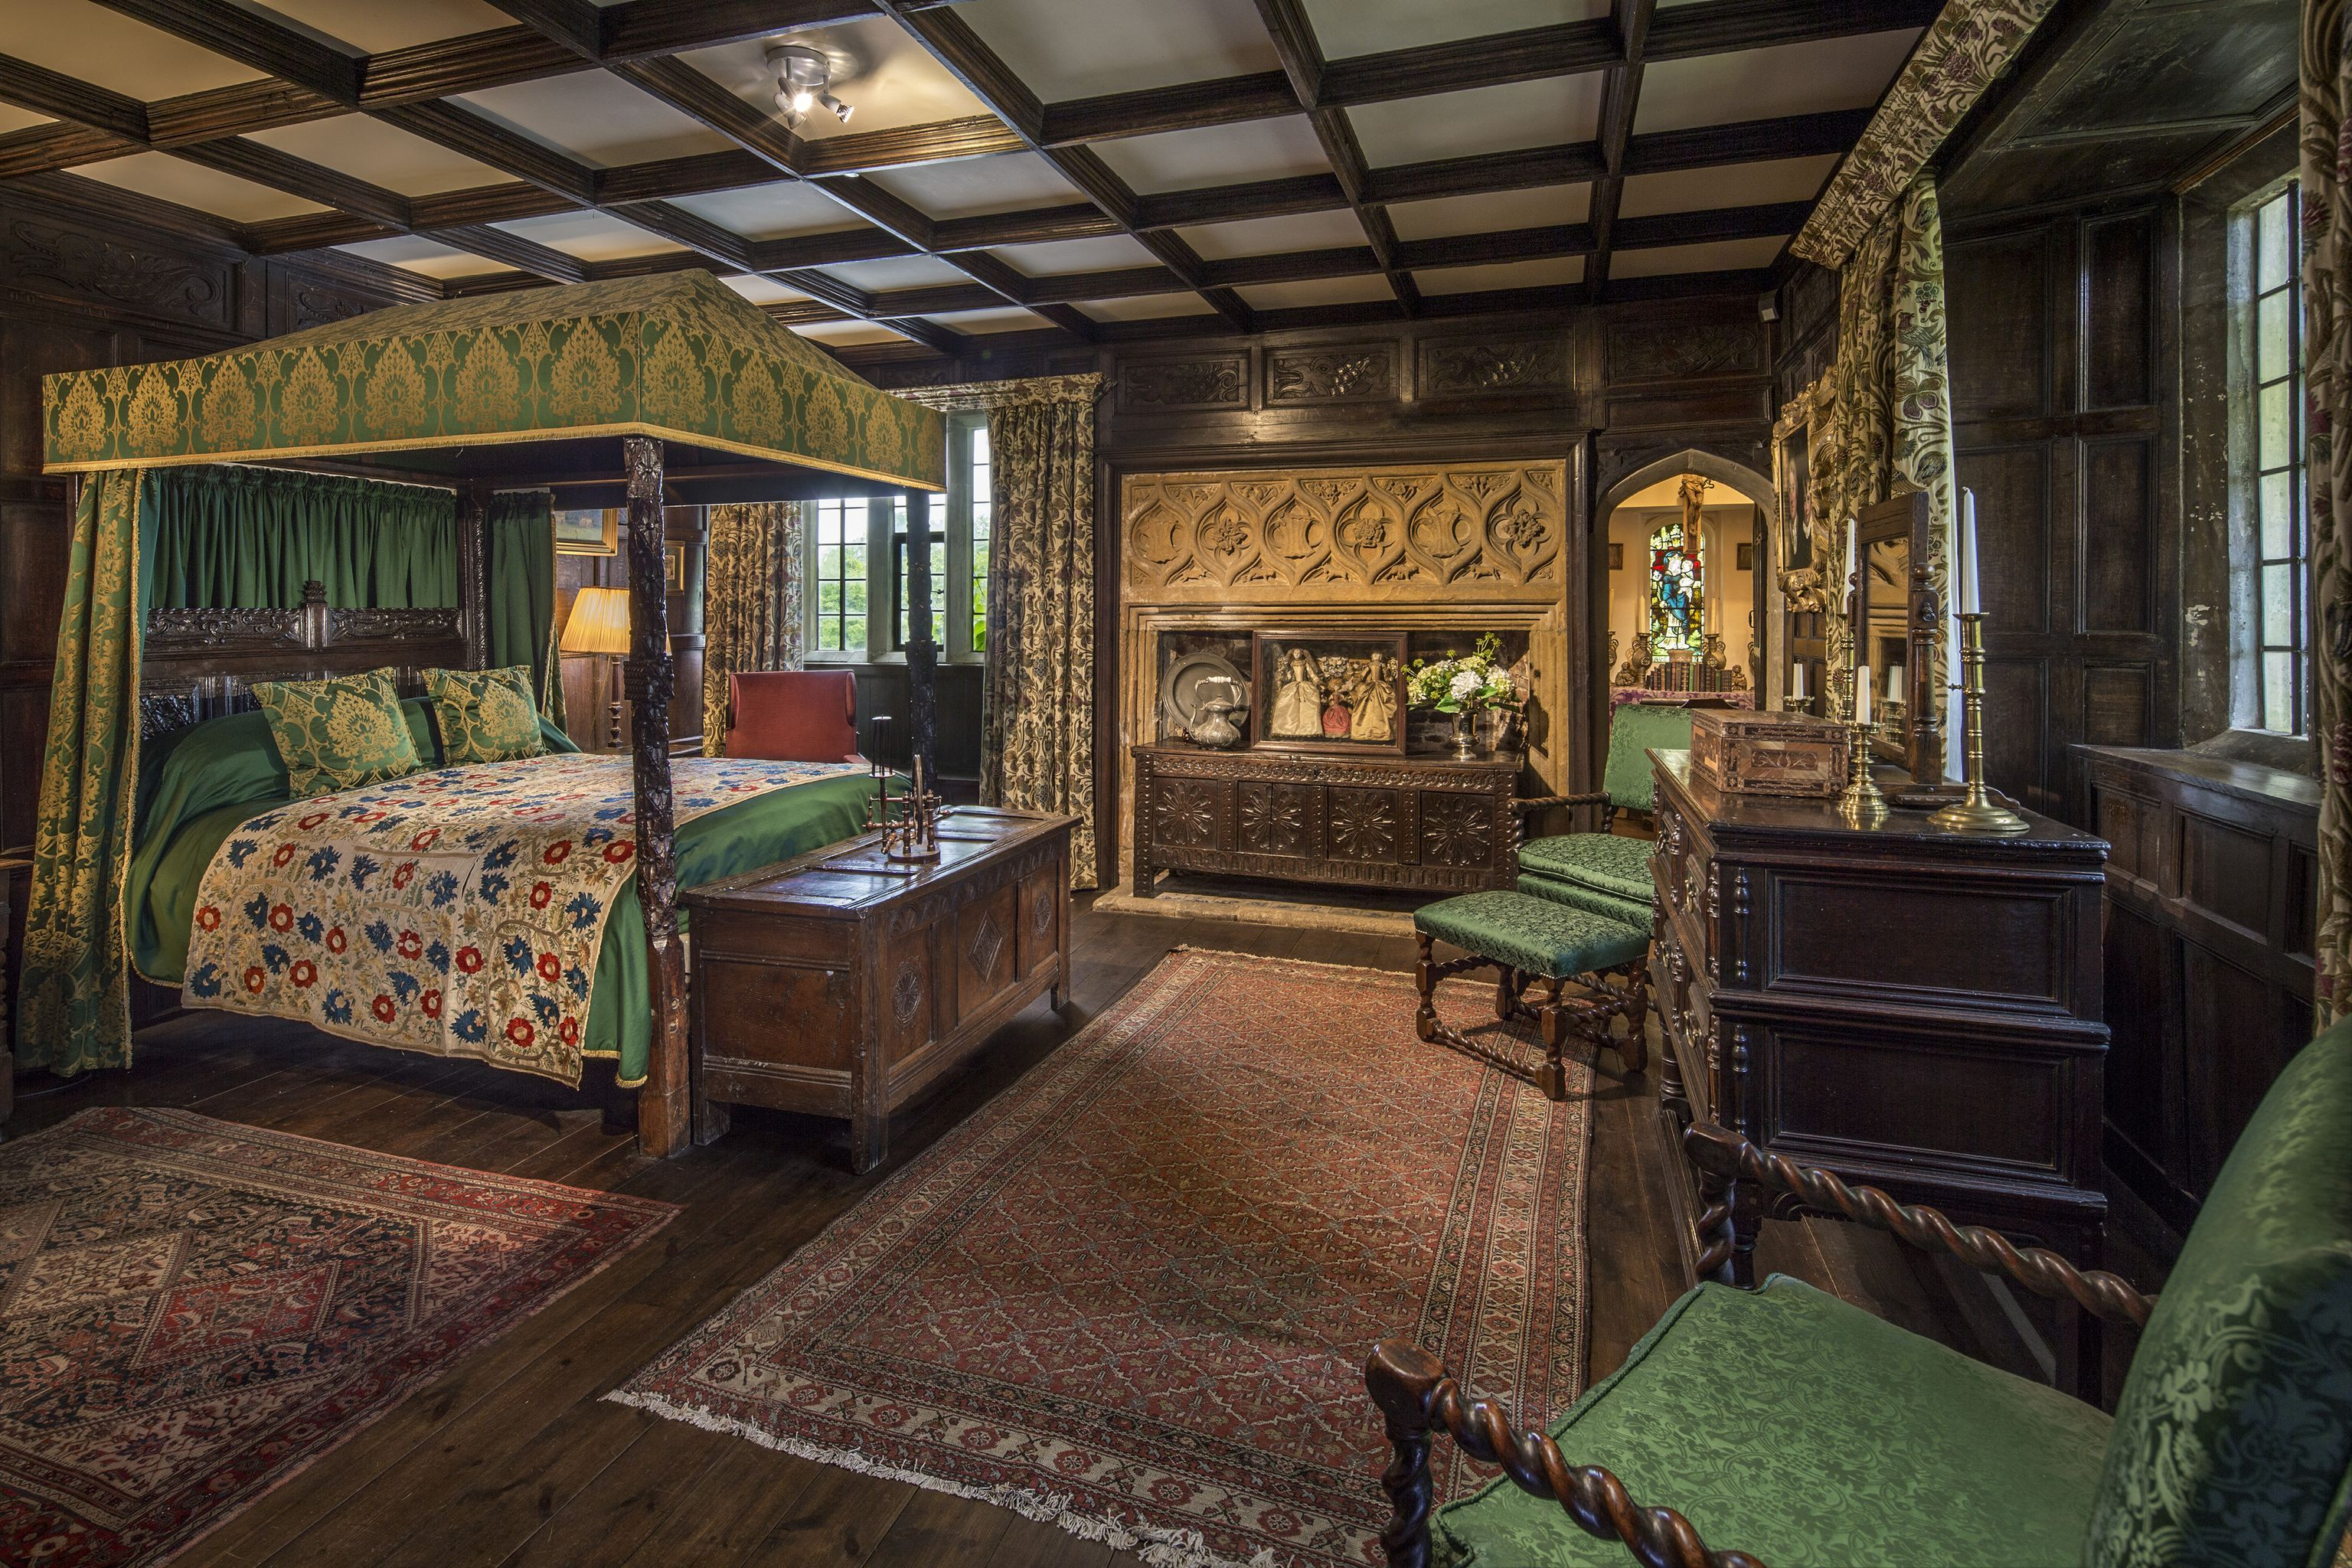 Inside one of England's finest Tudor manor houses Tudor